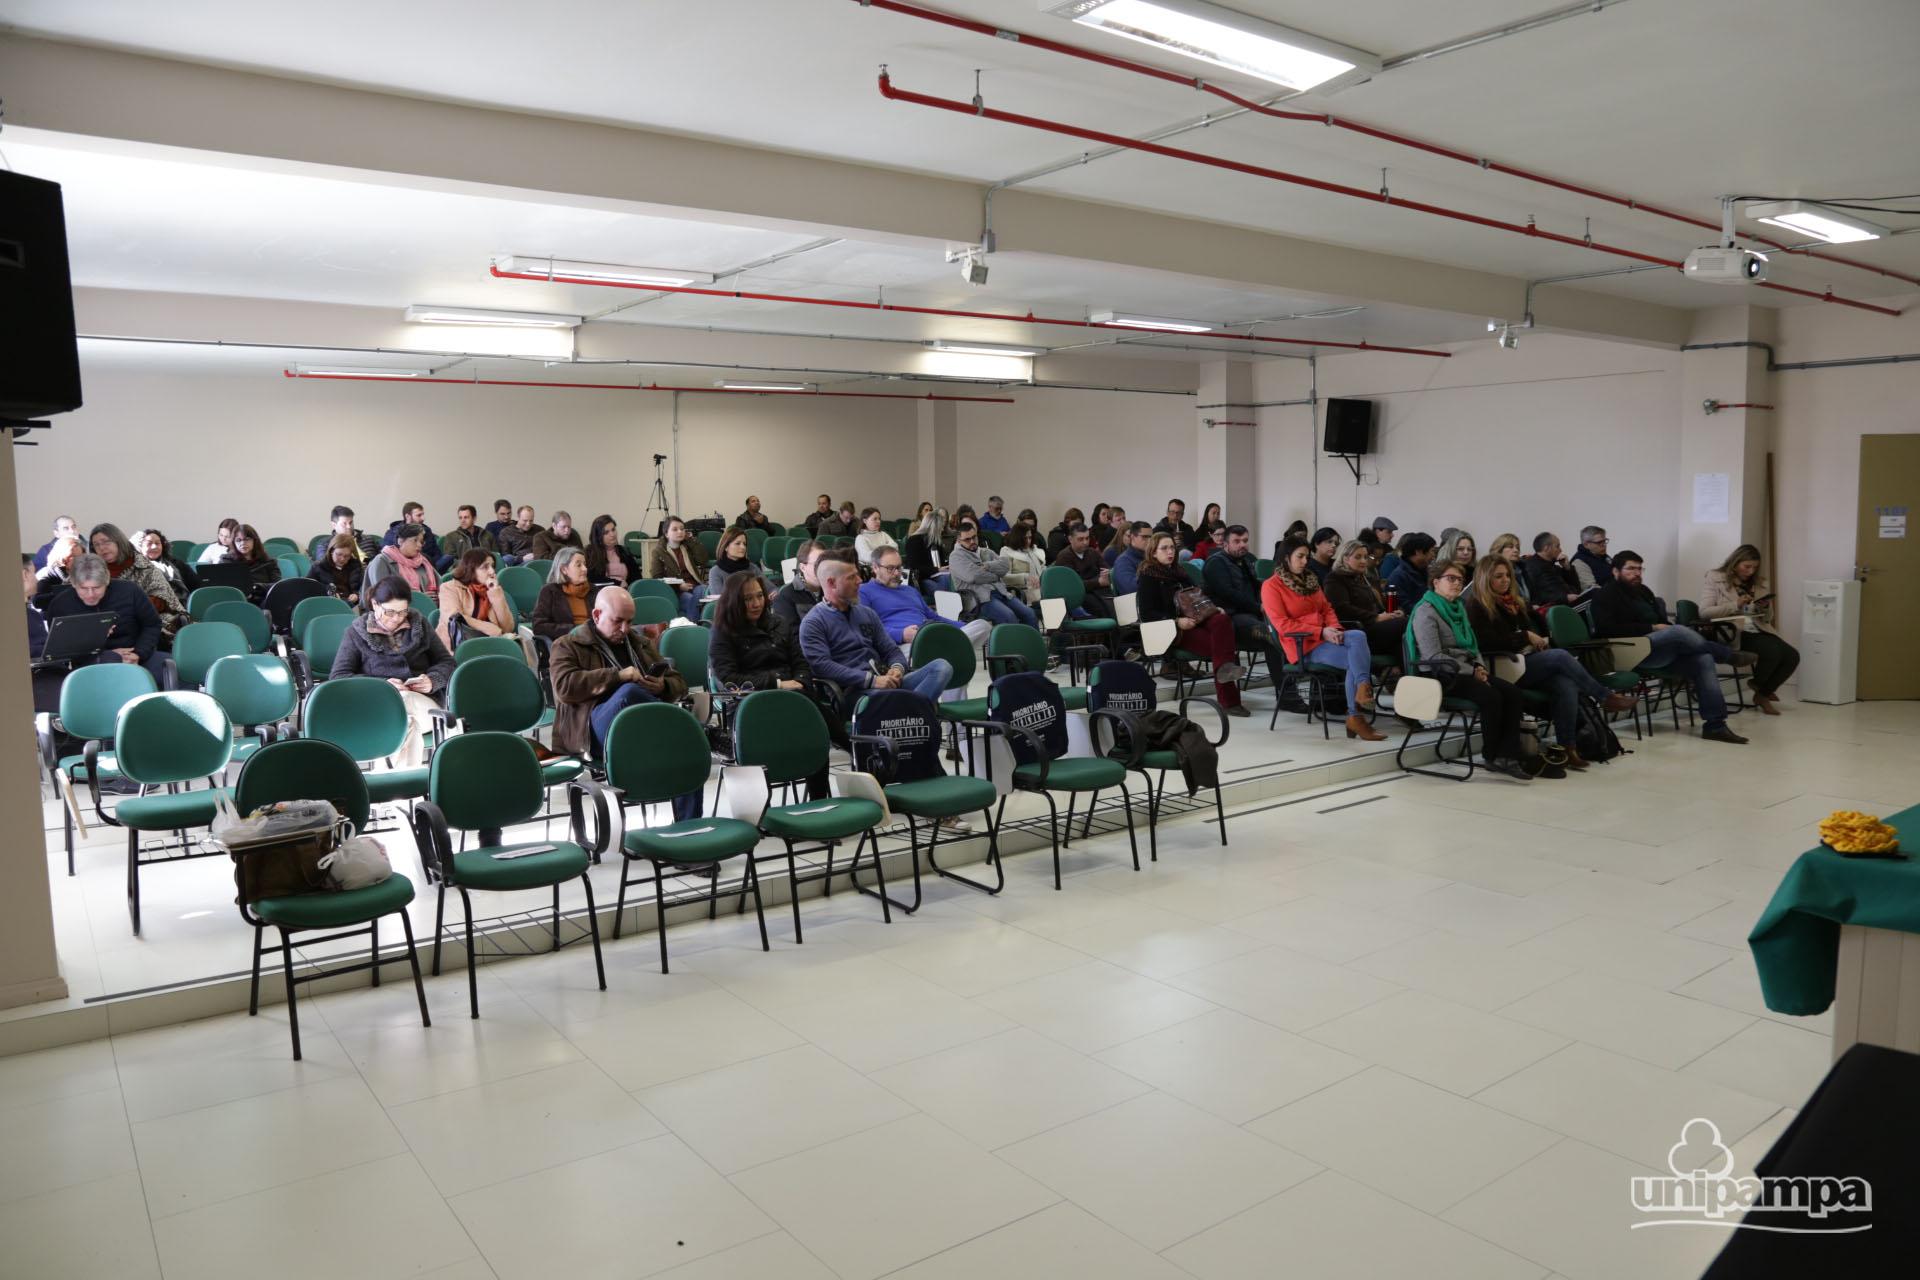 Além do público do Campus Bagé, a palestra contou com a participação das demais unidades universitárias - Foto: Ronaldo Estevam